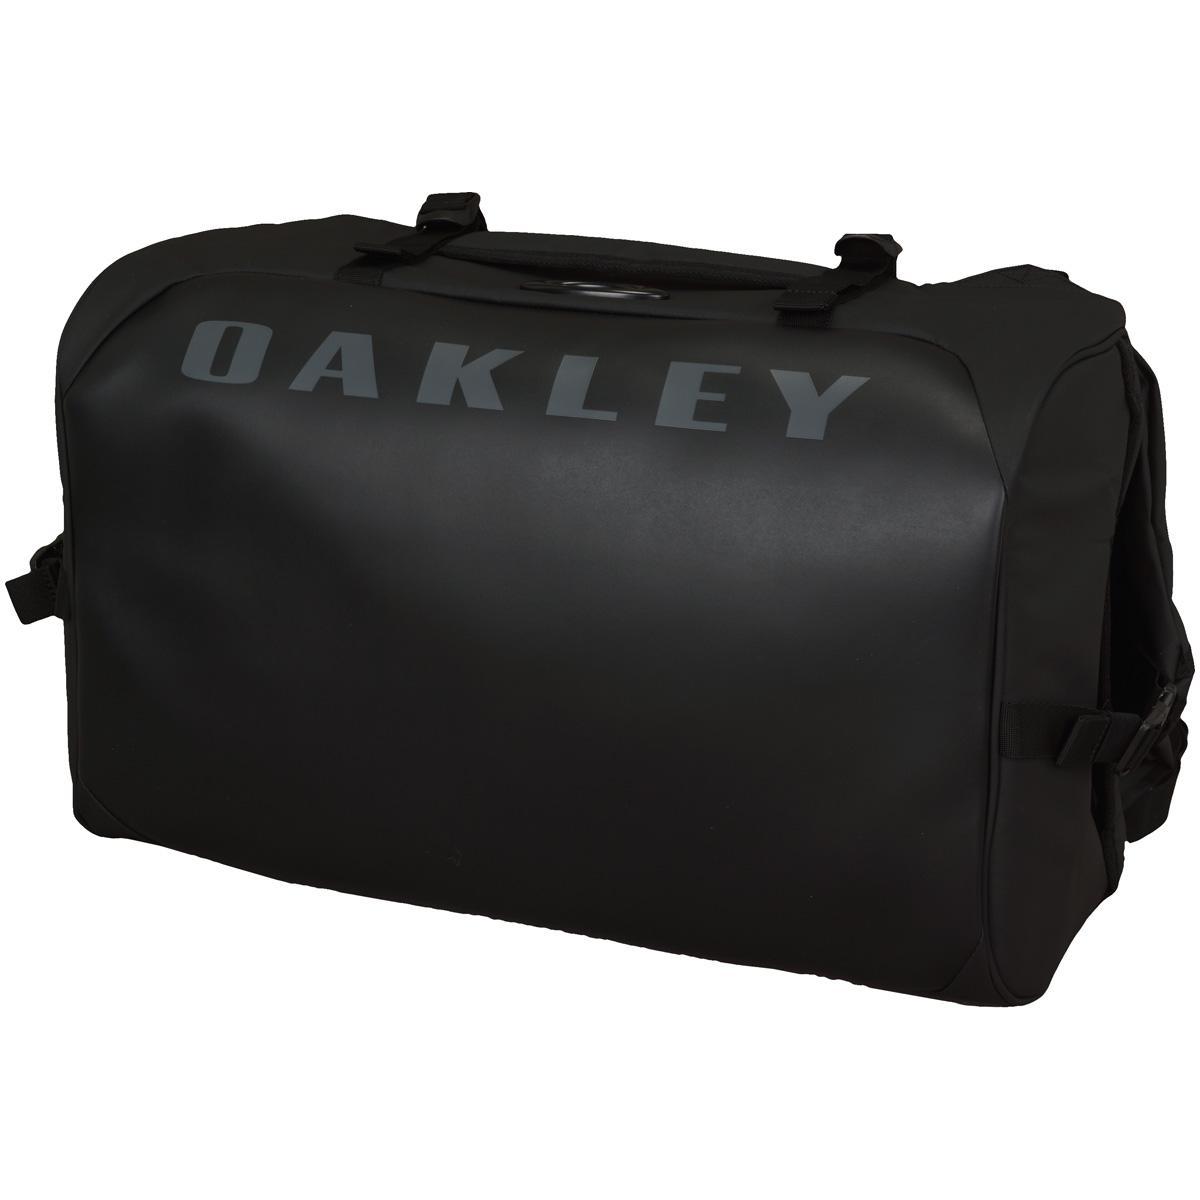 【4/30(火)・5/1(水)祝令和 時間限定クーポン実施!】オークリー OAKLEY 3WAY トレーニング ボストンバッグ